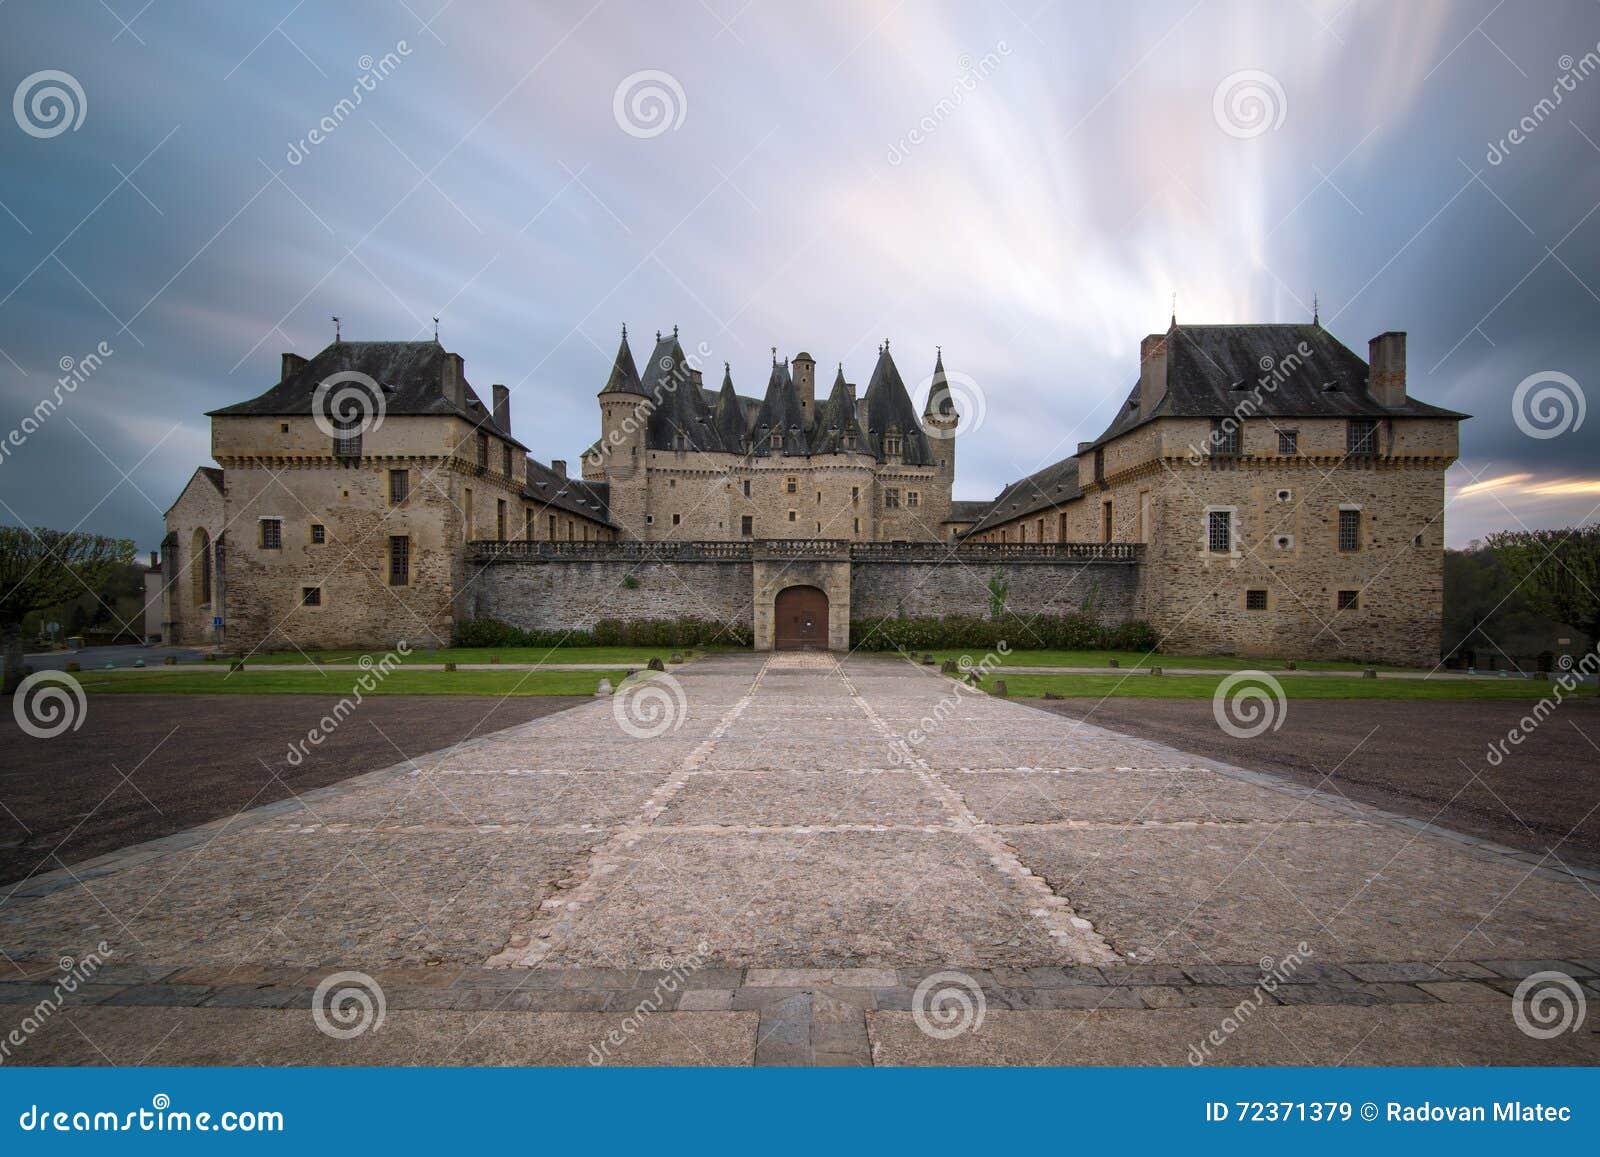 Castle of Jumilhac-le-grand